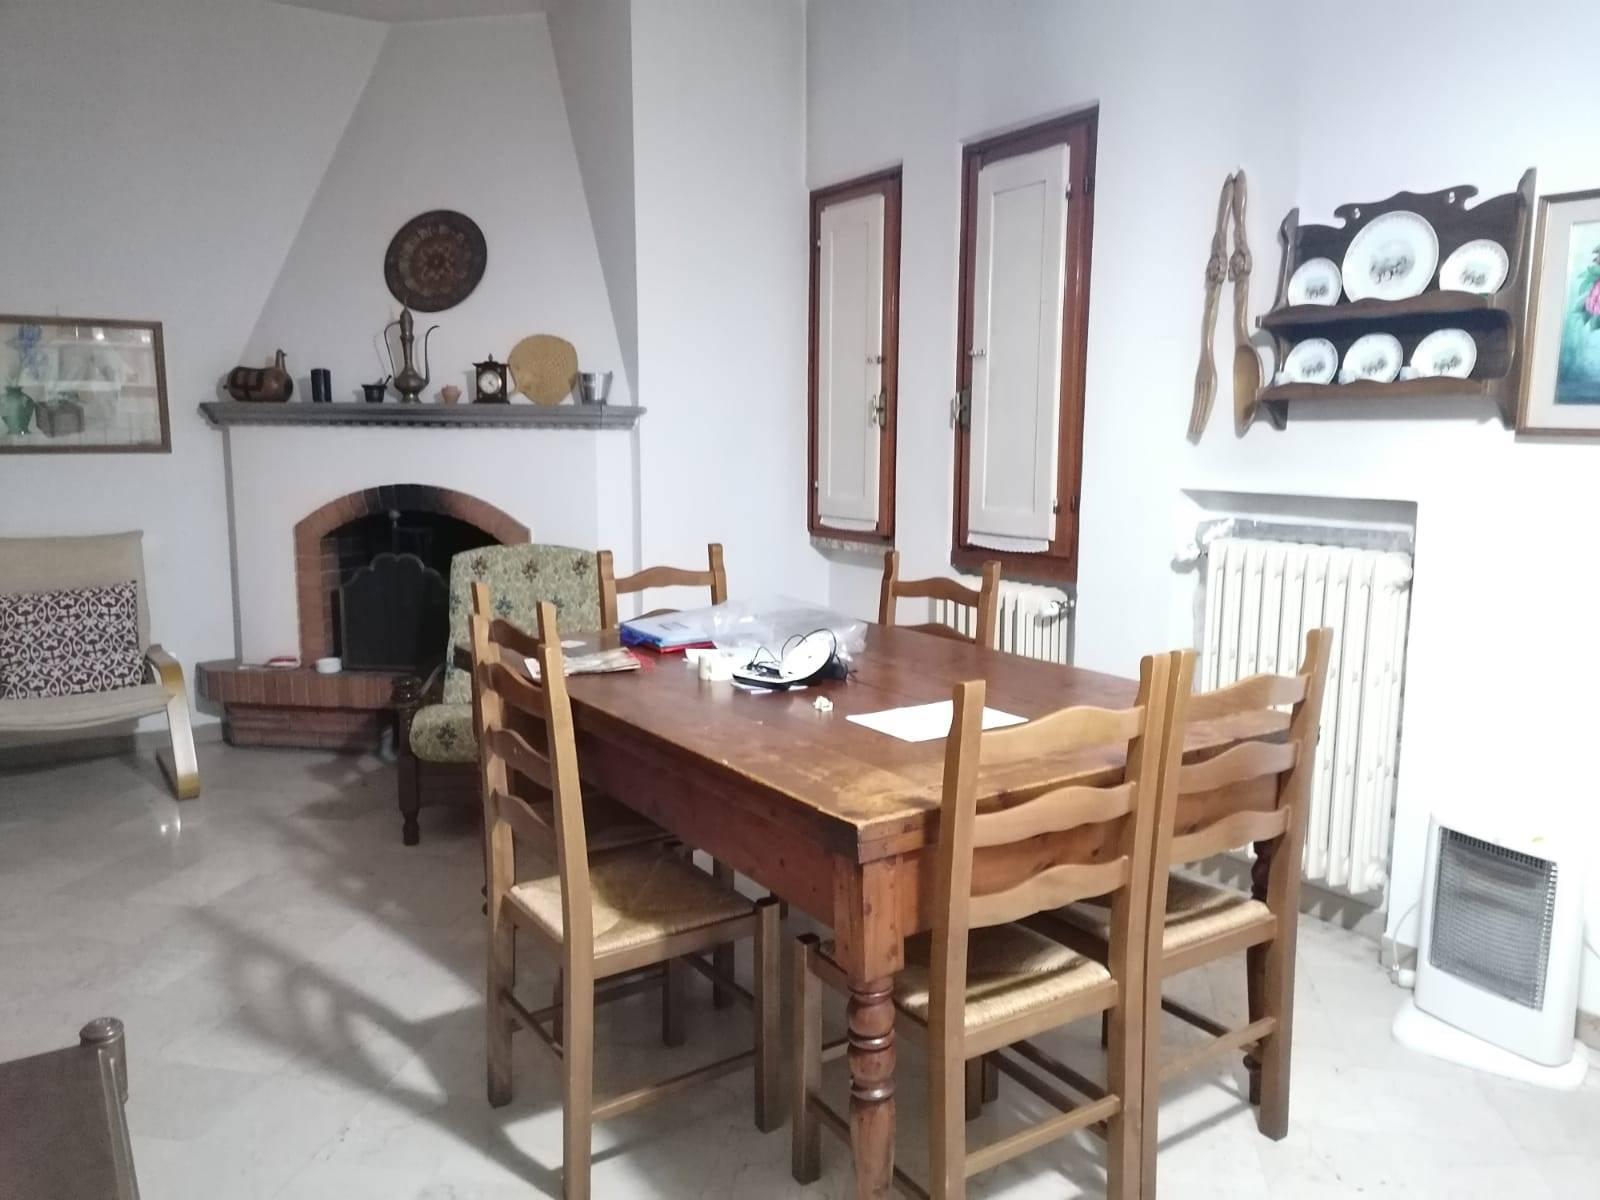 Villa in Vendita a Campi bisenzio zona  - immagine 8